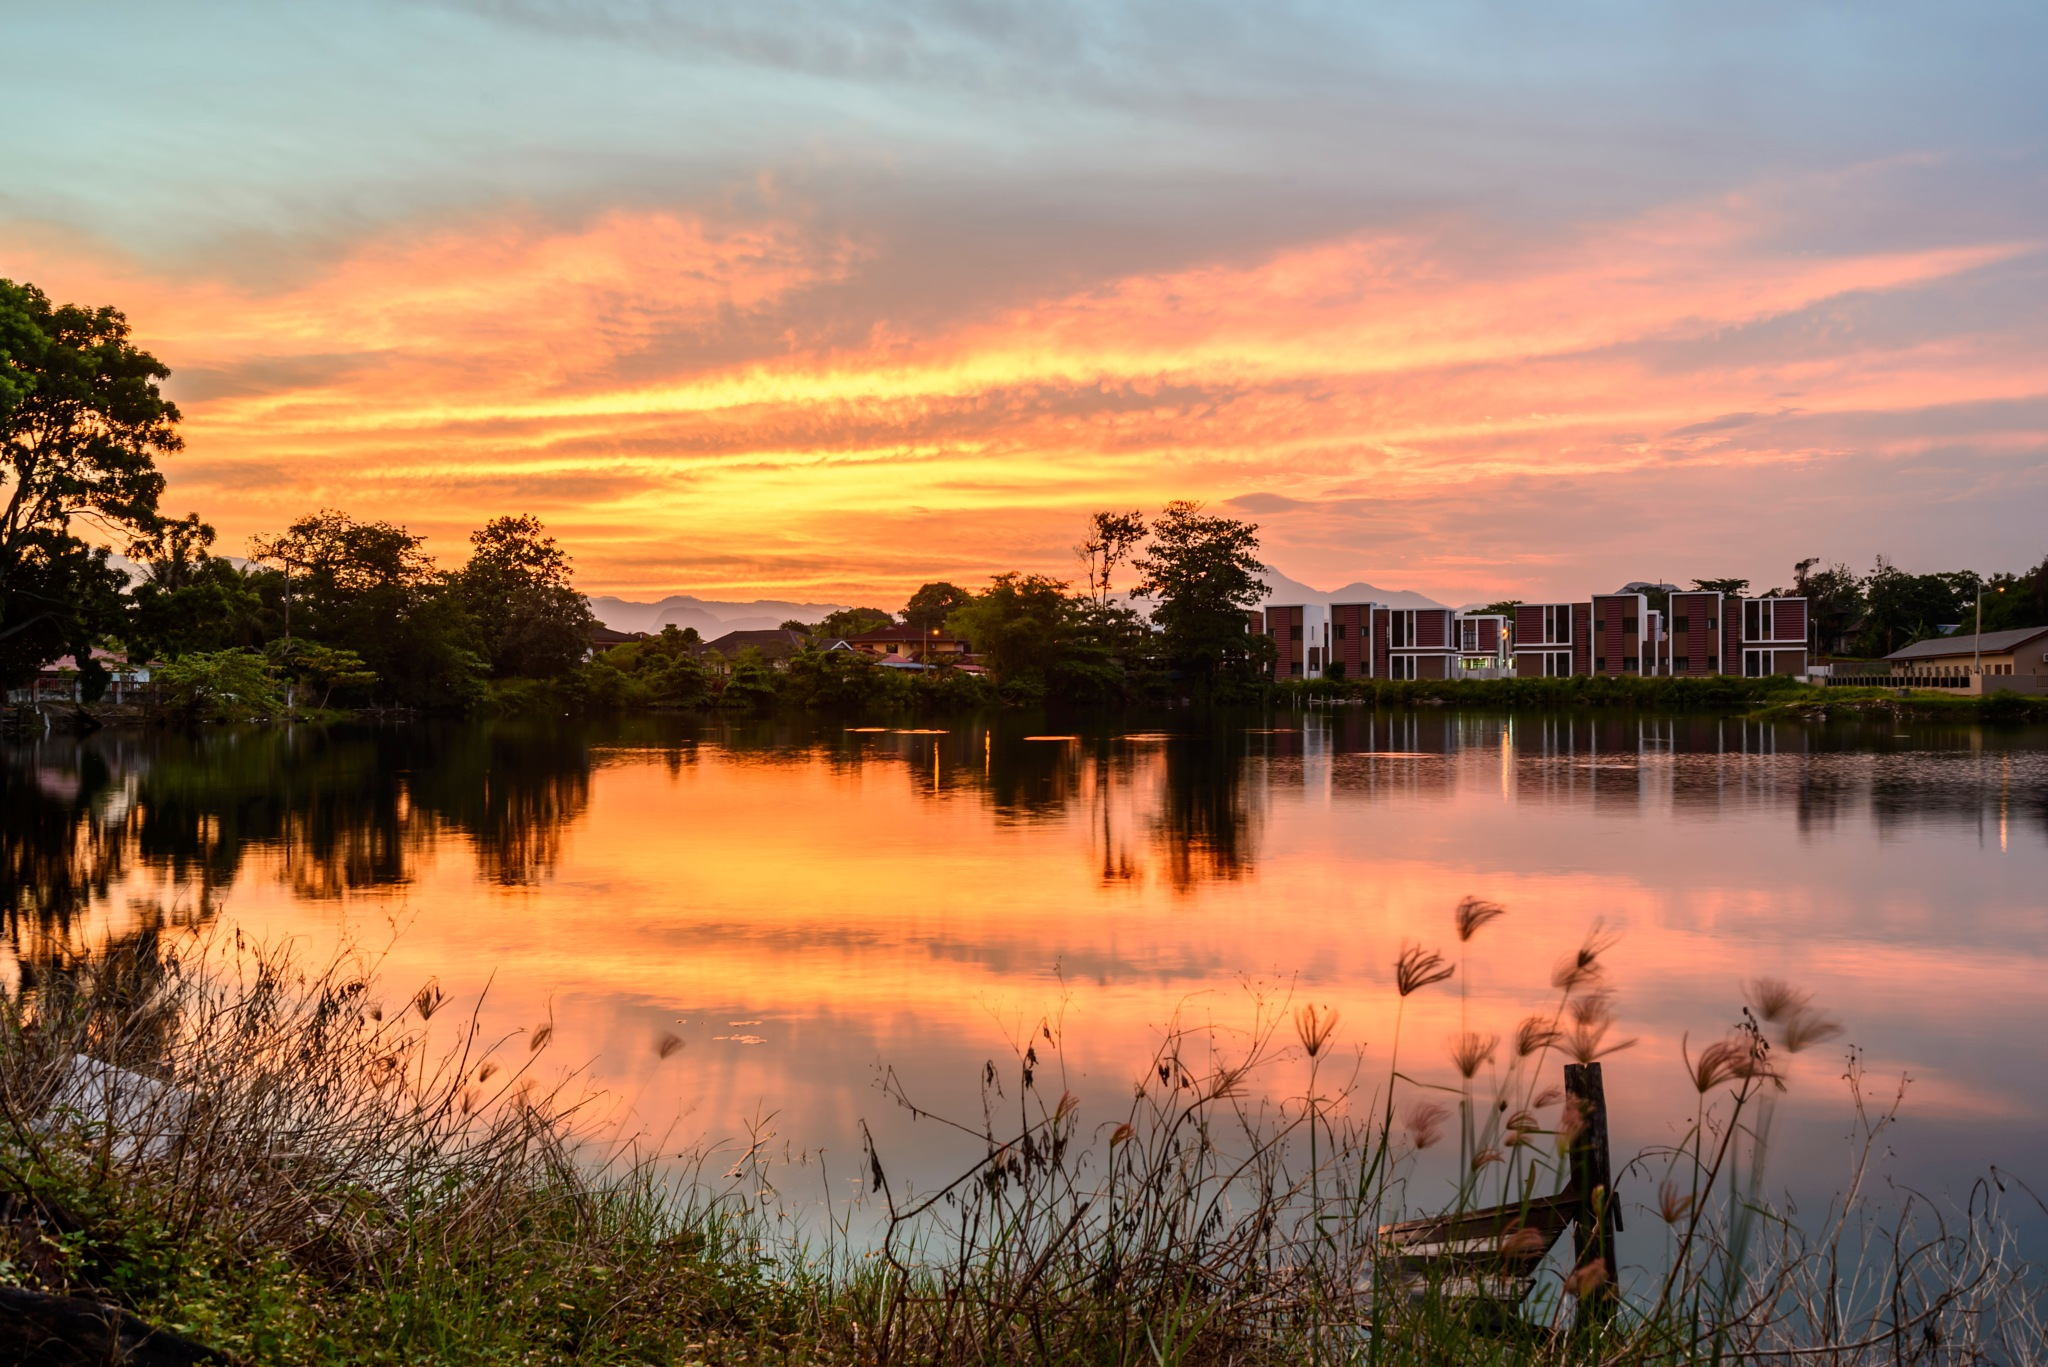 Golden sunrise by garywlyip